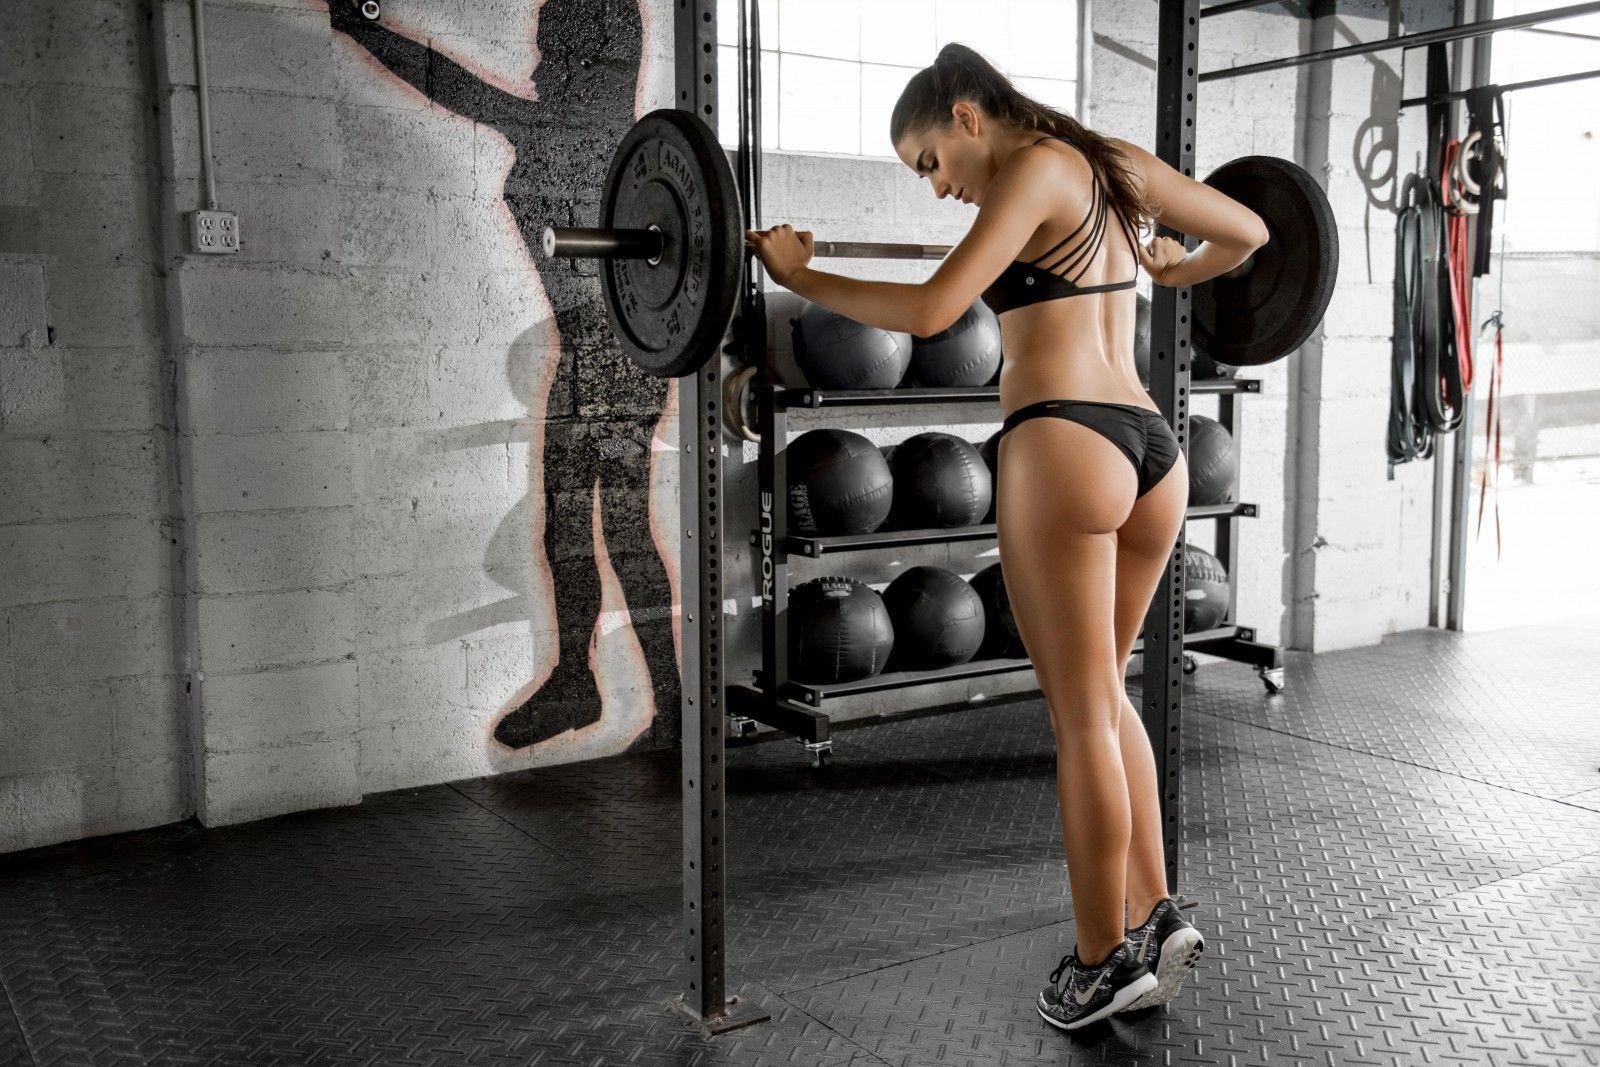 and-gym-girls-pics-girl